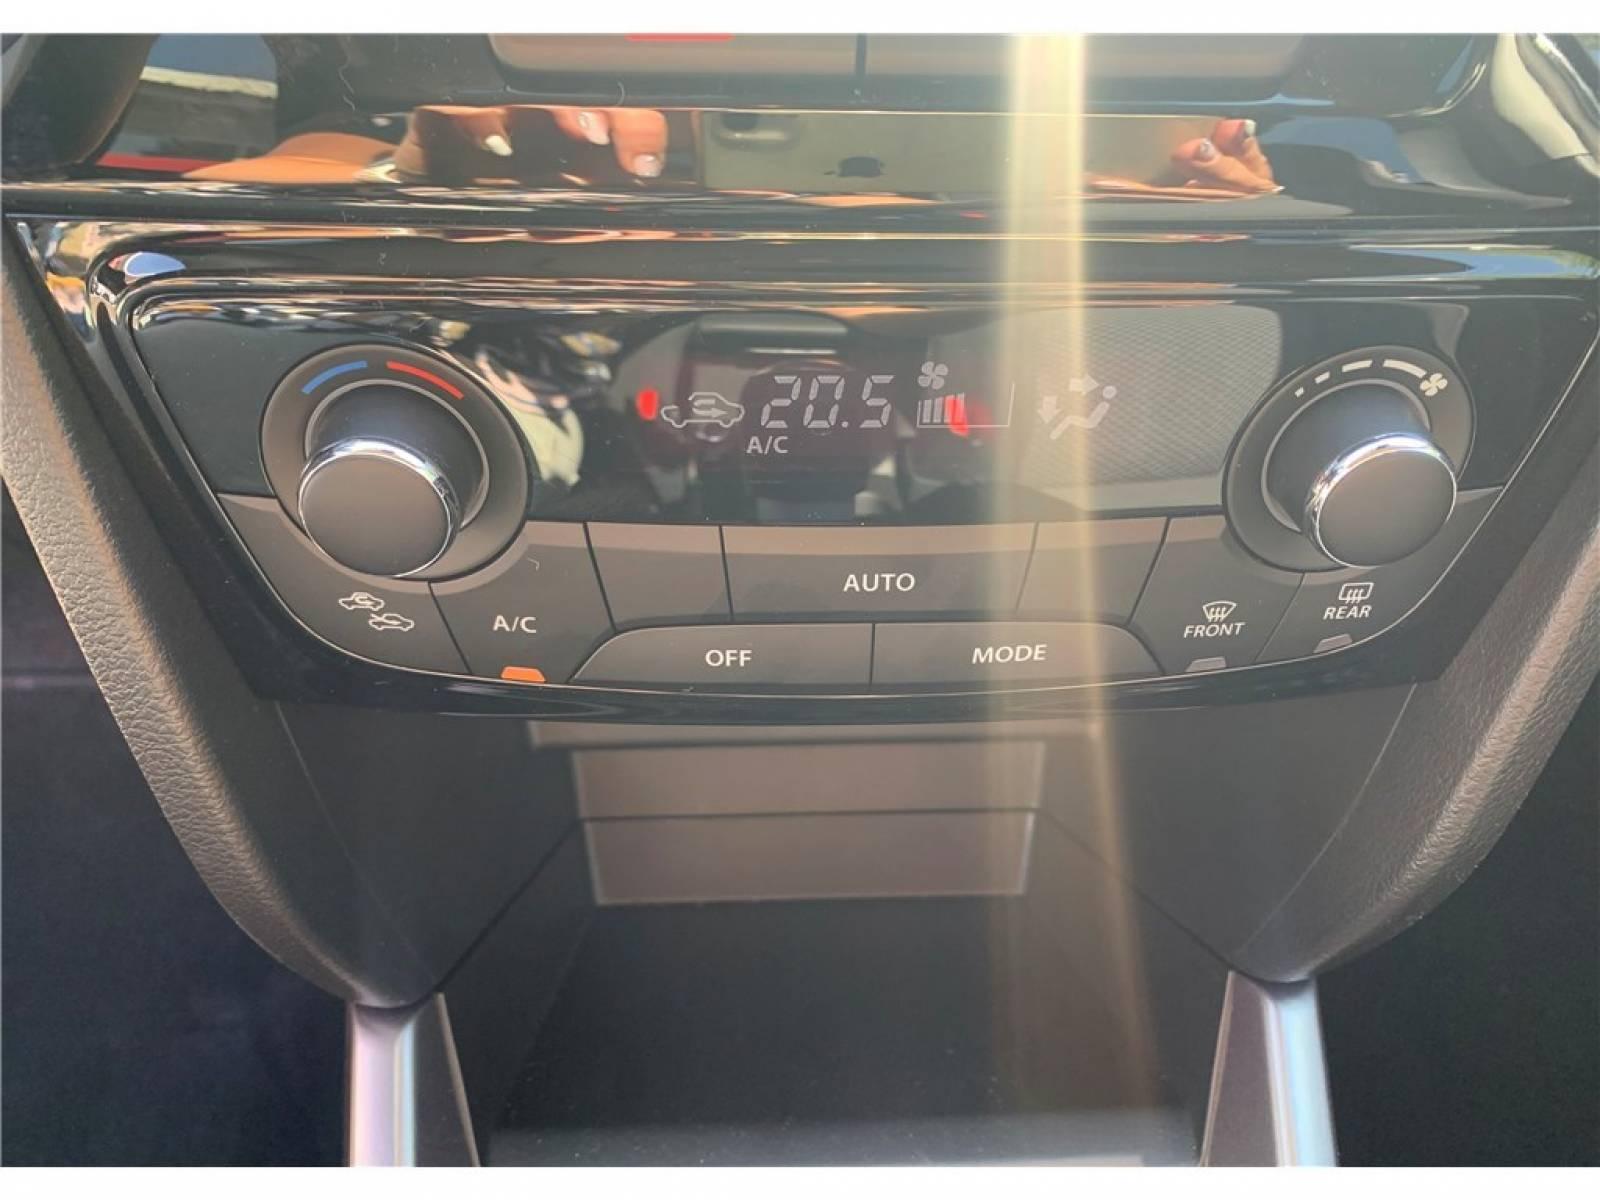 SUZUKI Vitara 1.4 Boosterjet Hybrid - véhicule d'occasion - Groupe Guillet - Hall de l'automobile - Montceau les Mines - 71300 - Montceau-les-Mines - 40